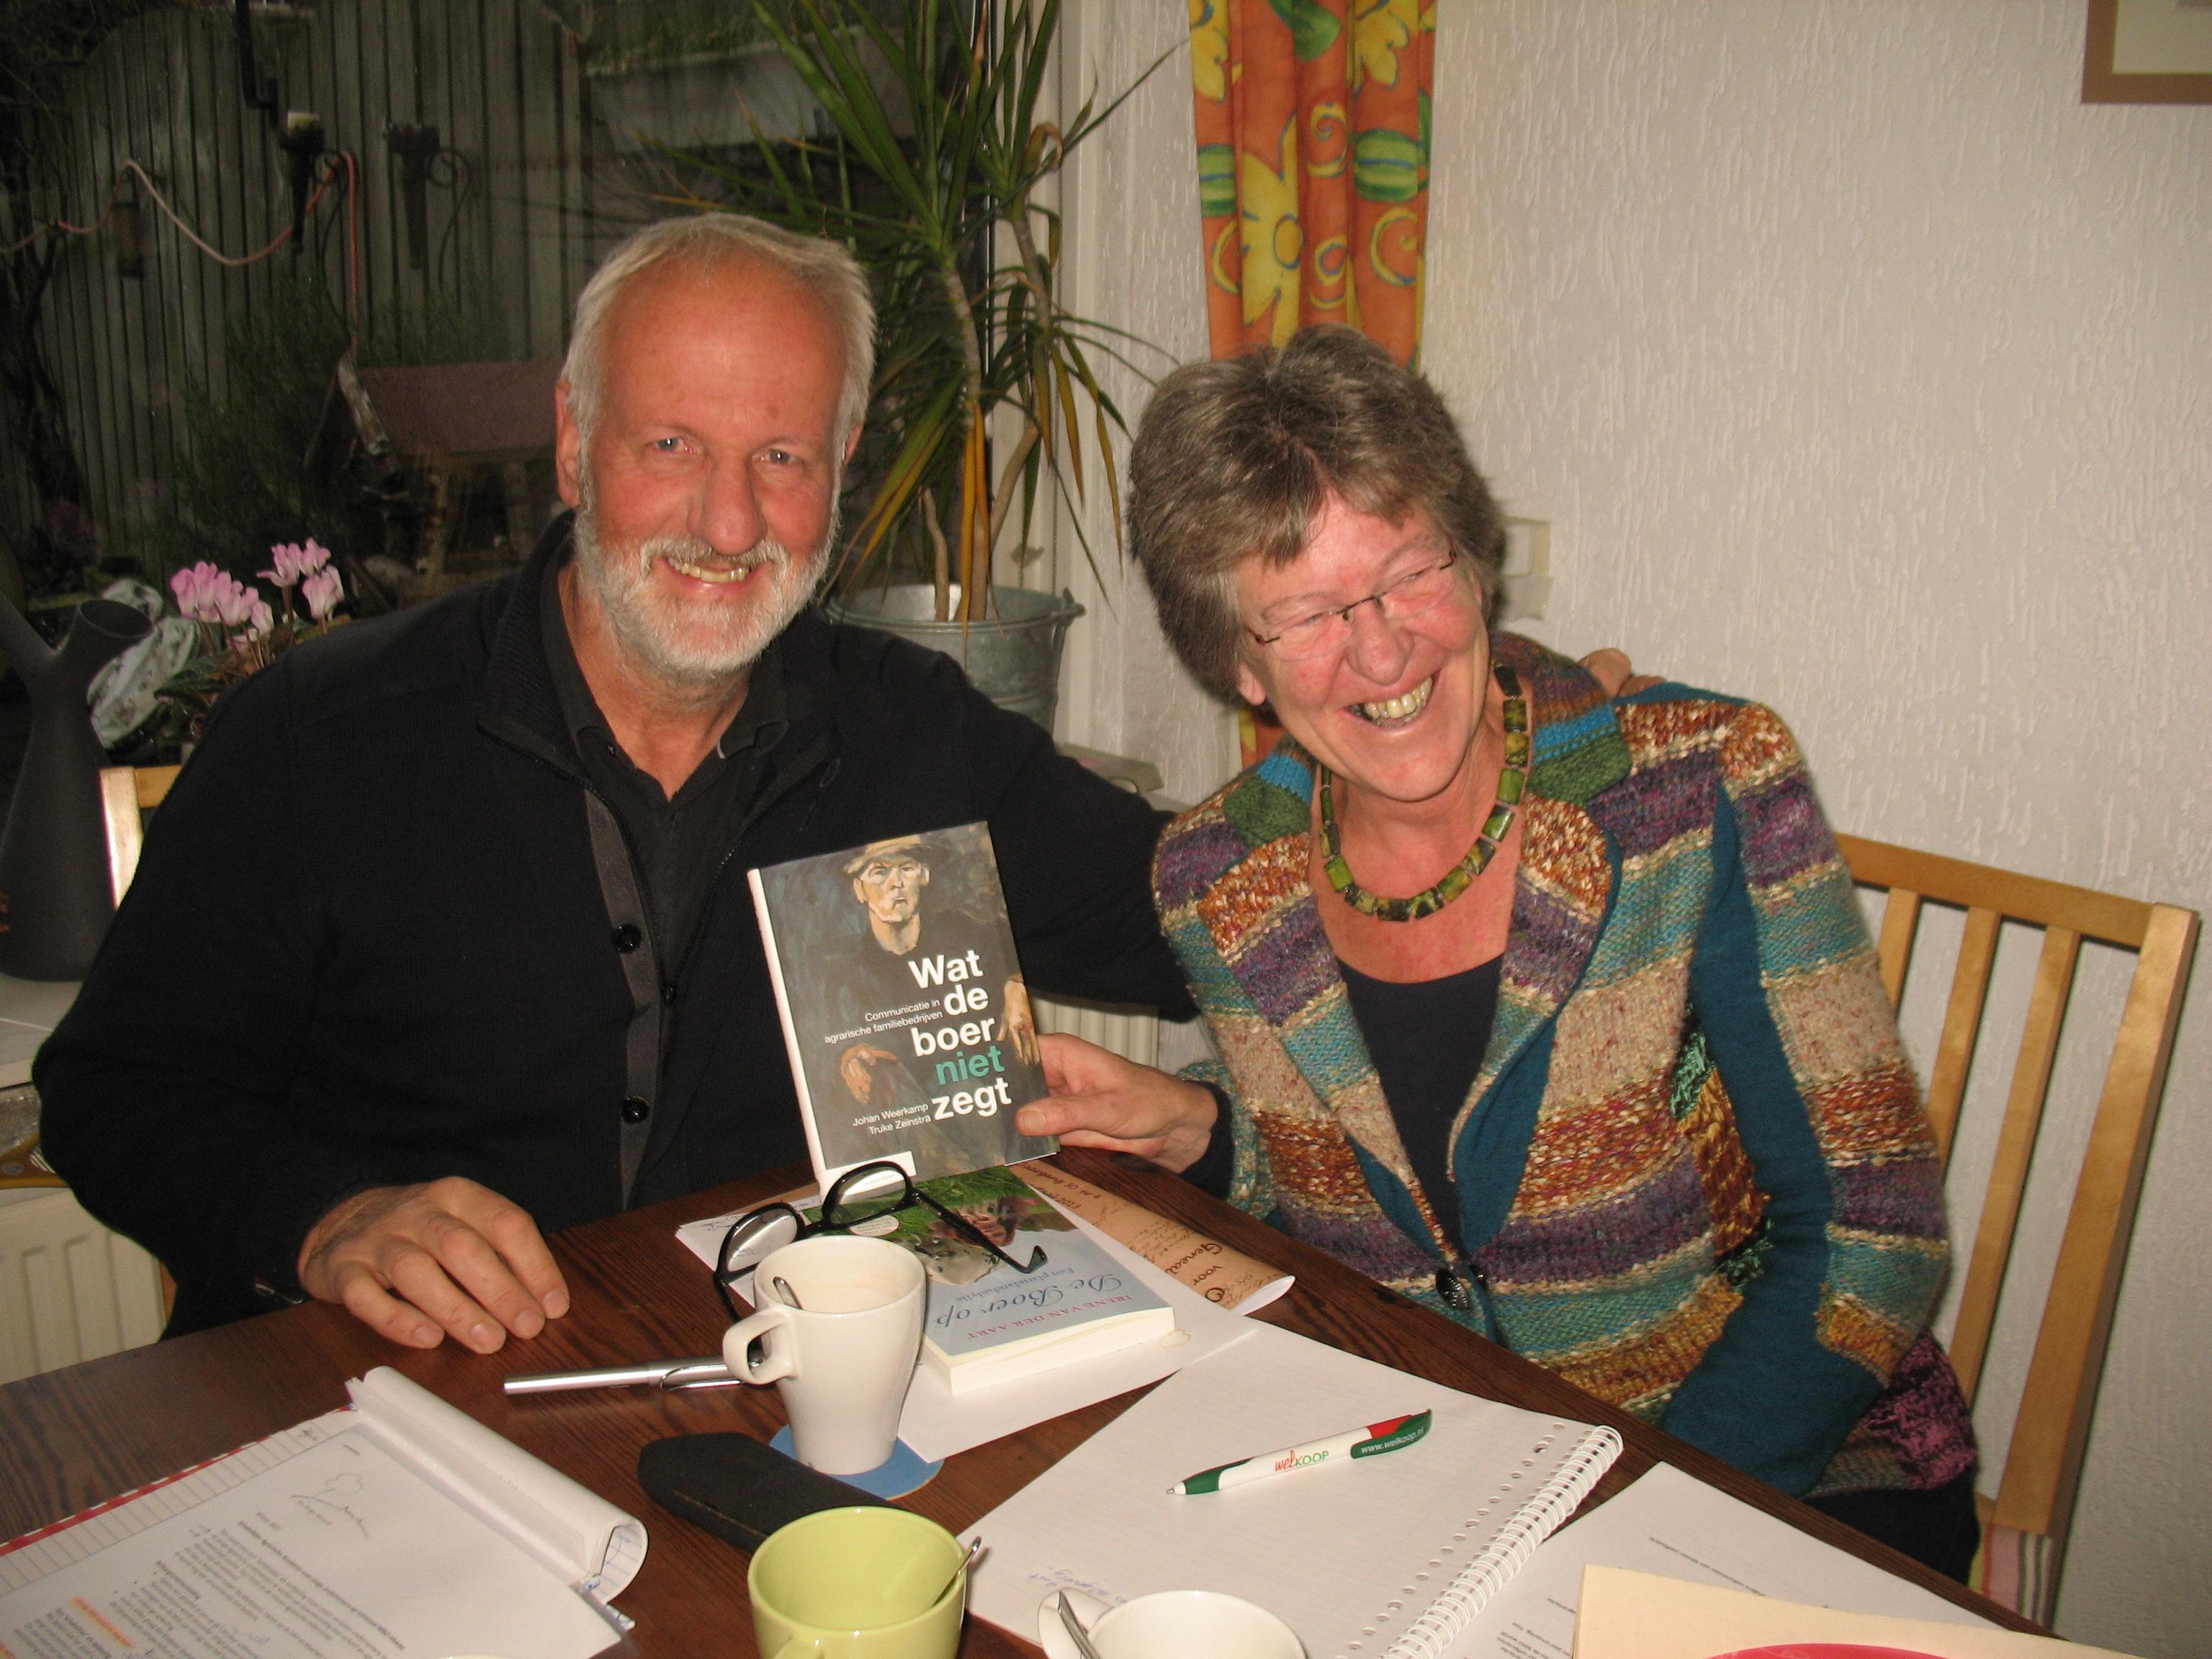 20131129c Bennekom - Bellaertsstraat 28 (Green-Team bijeenkomst, Uitgave boek Wat de boer niet zegt - De auteurs Johan en Truke)